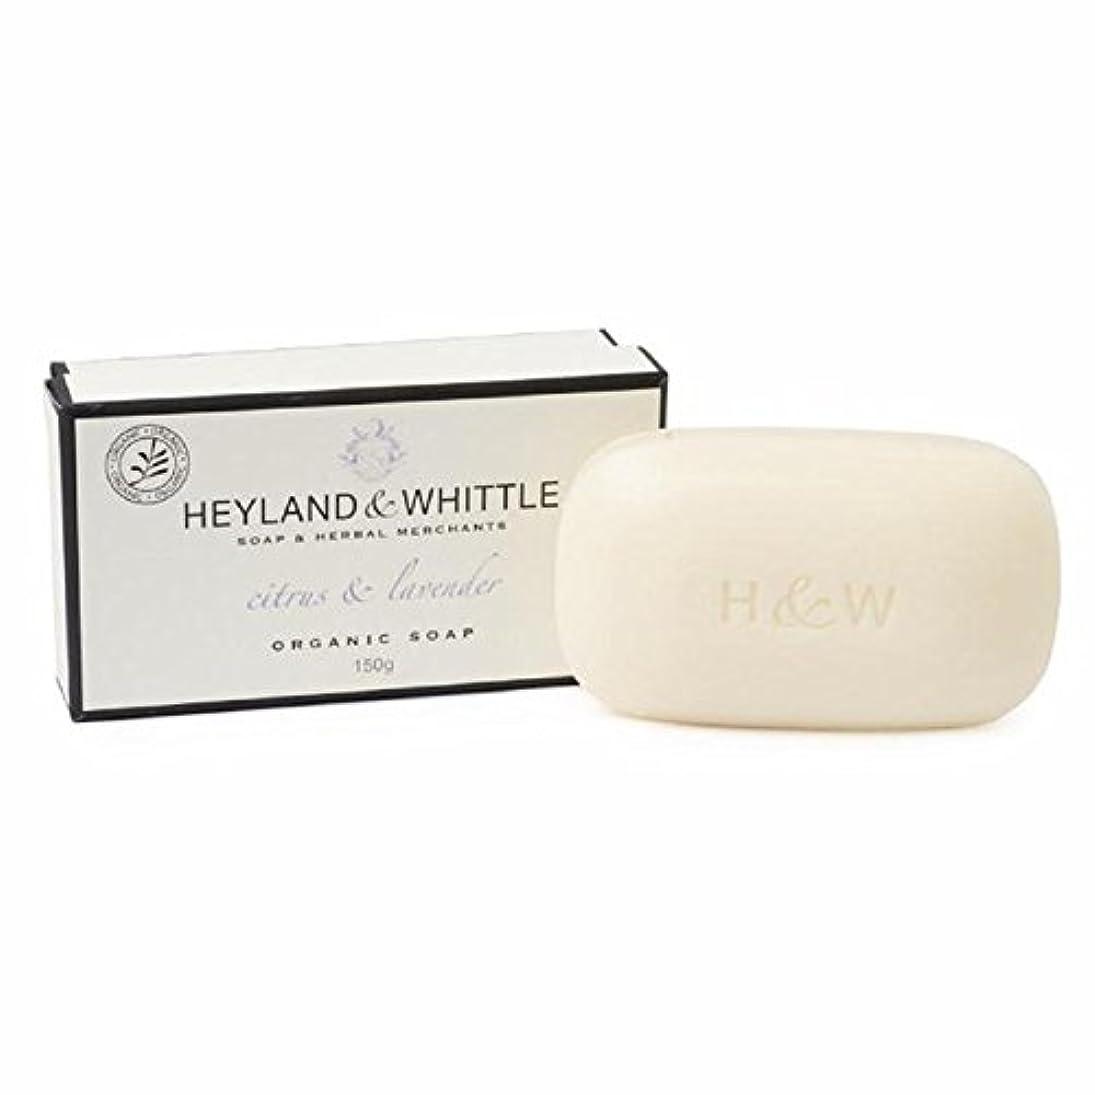 用心深い削る嵐Heyland & Whittle Citrus & Lavender Boxed Organic Soap 150g - &削るシトラス&ラベンダーは、有機石鹸150グラム箱入り [並行輸入品]